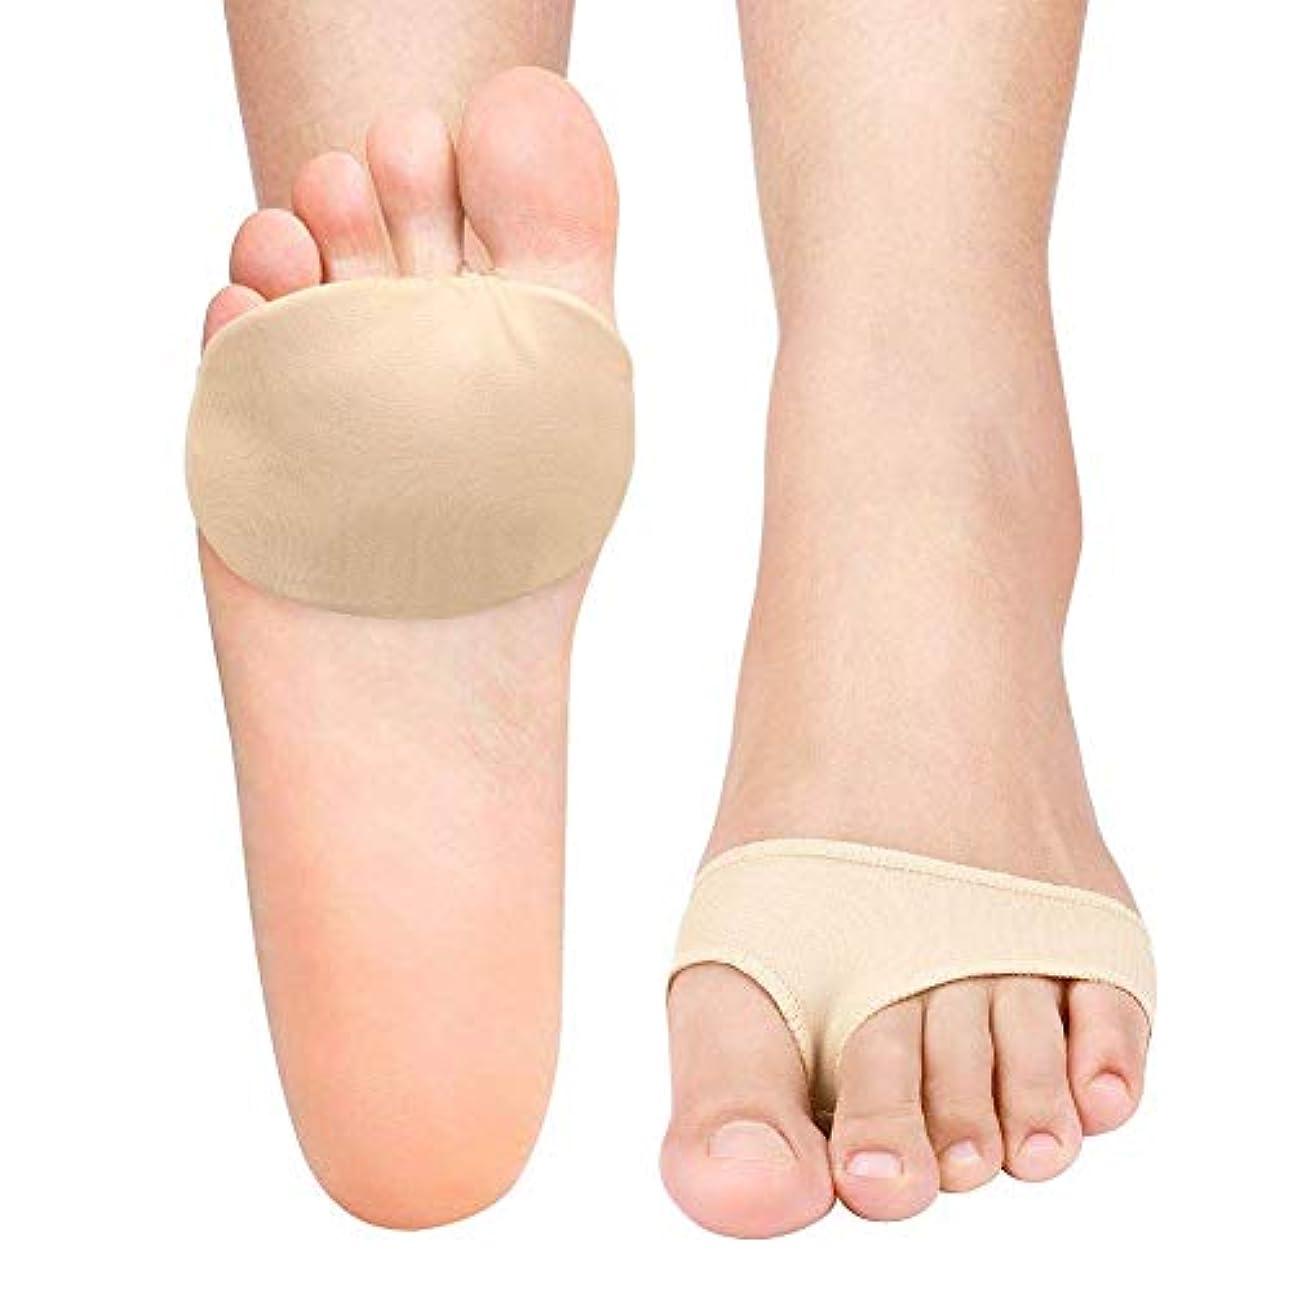 因子唯物論収入Yosoo 足裏保護パッド 足裏 保護 サポーター 前ズレ防止 つま先の痛み緩和 柔らかい つま先ジェルクッション シリコン フリーサイズ 2個入り